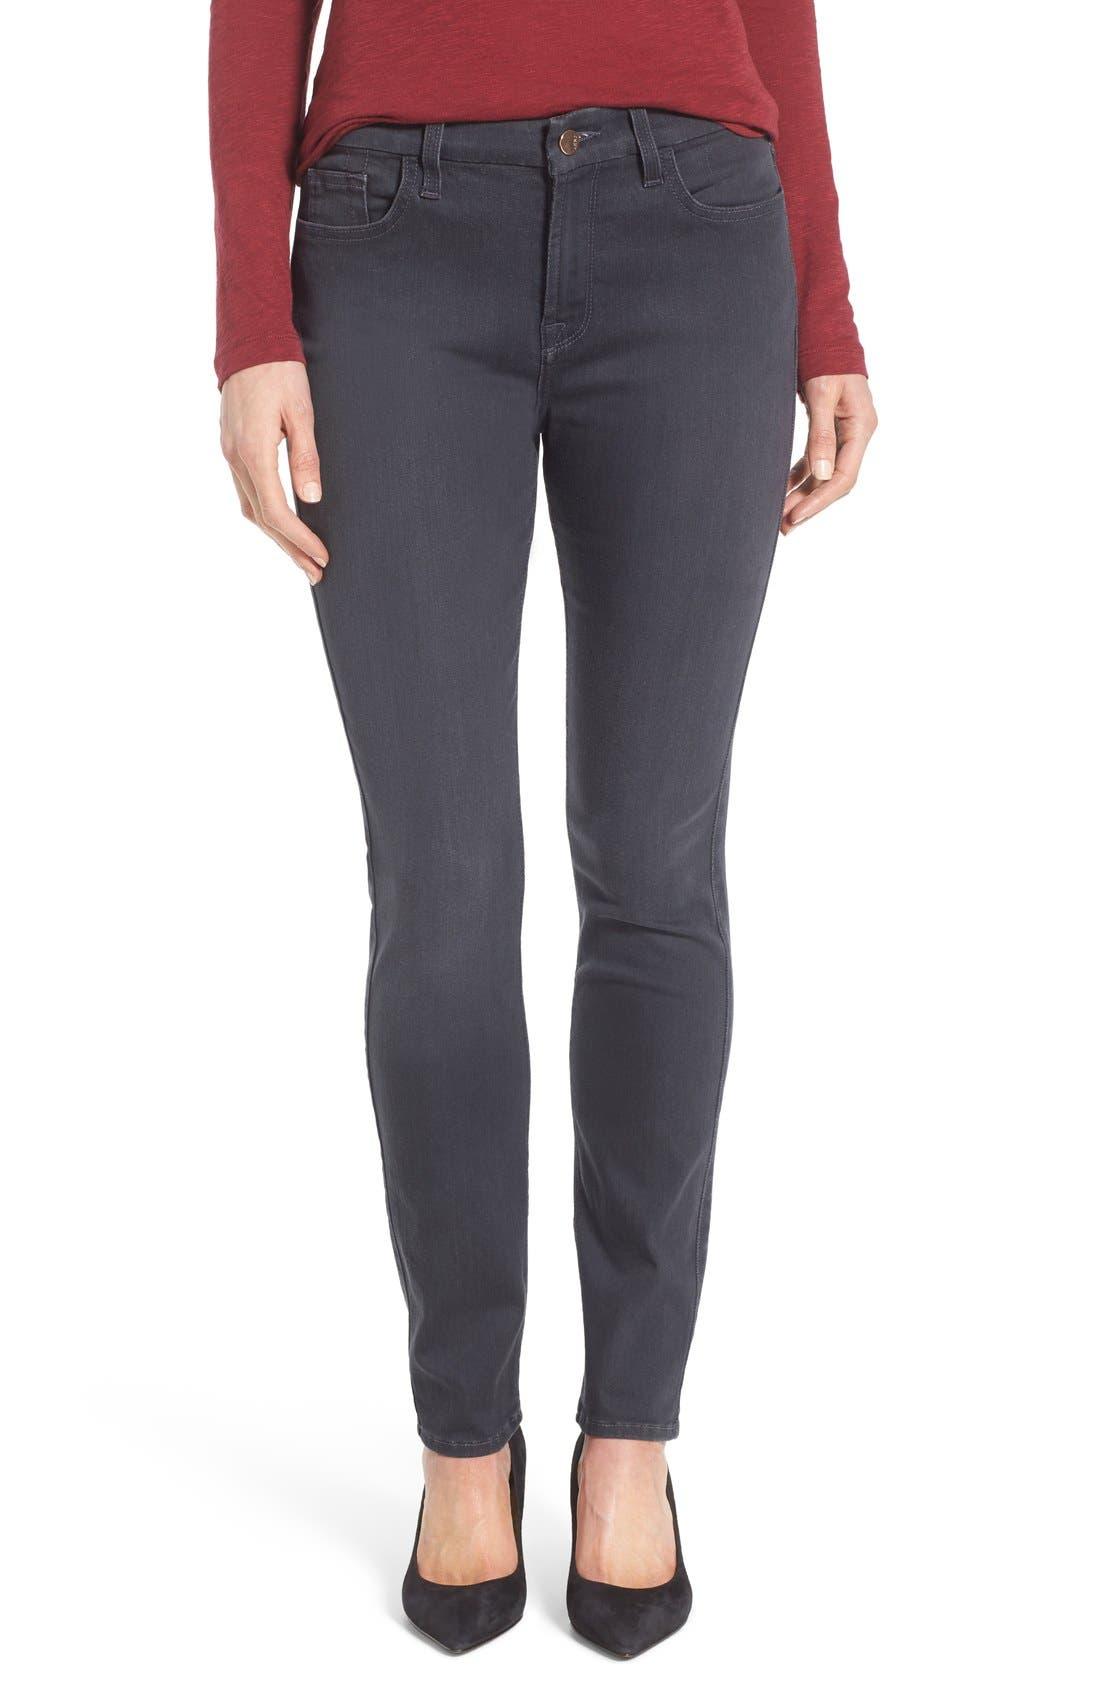 Main Image - Jen7 Stretch Skinny Jeans (Vapor Grey)